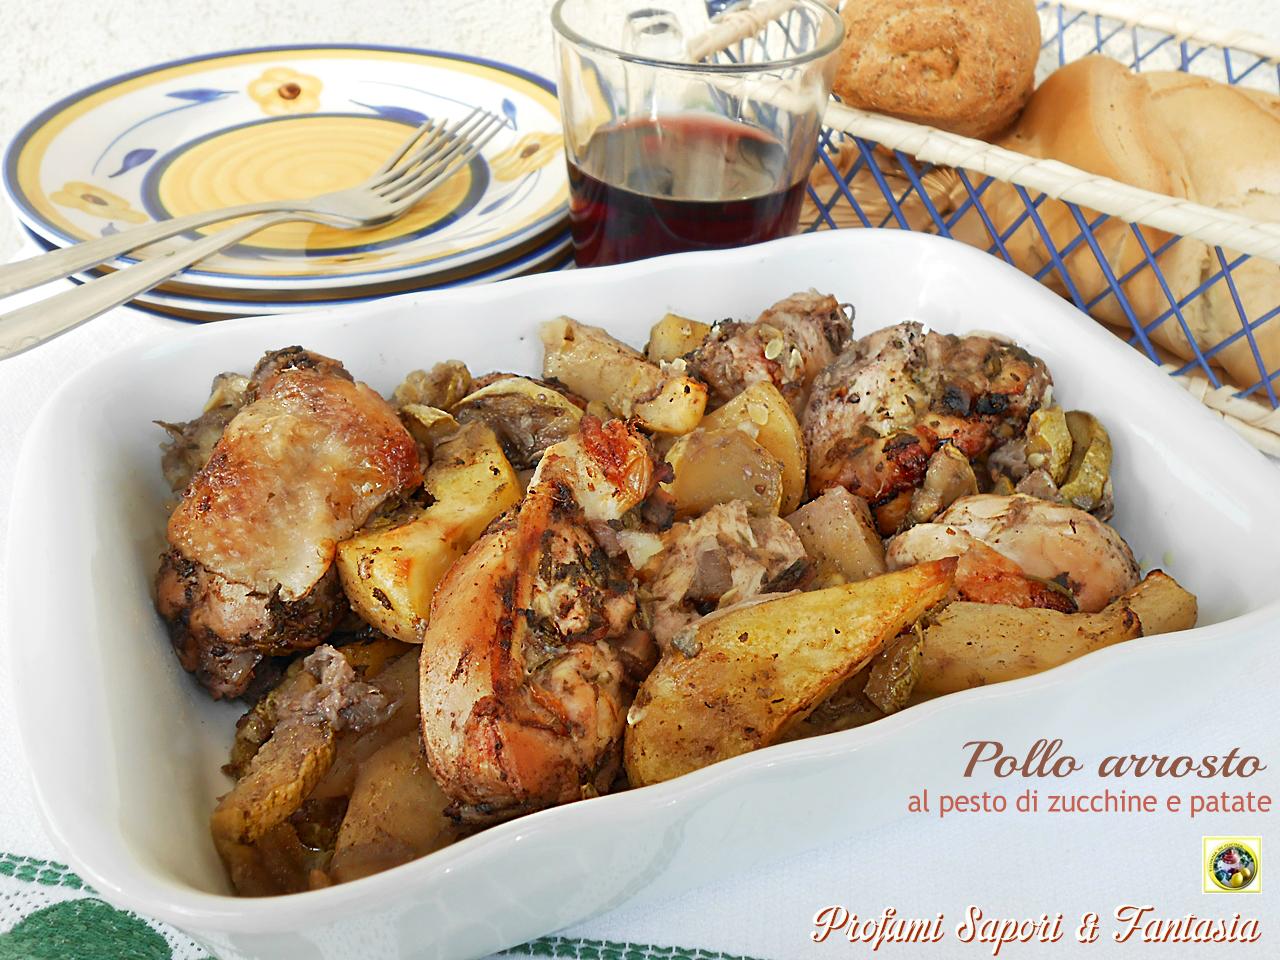 Pollo arrosto al pesto di zucchine e patate Blog Profumi Sapori & Fantasia